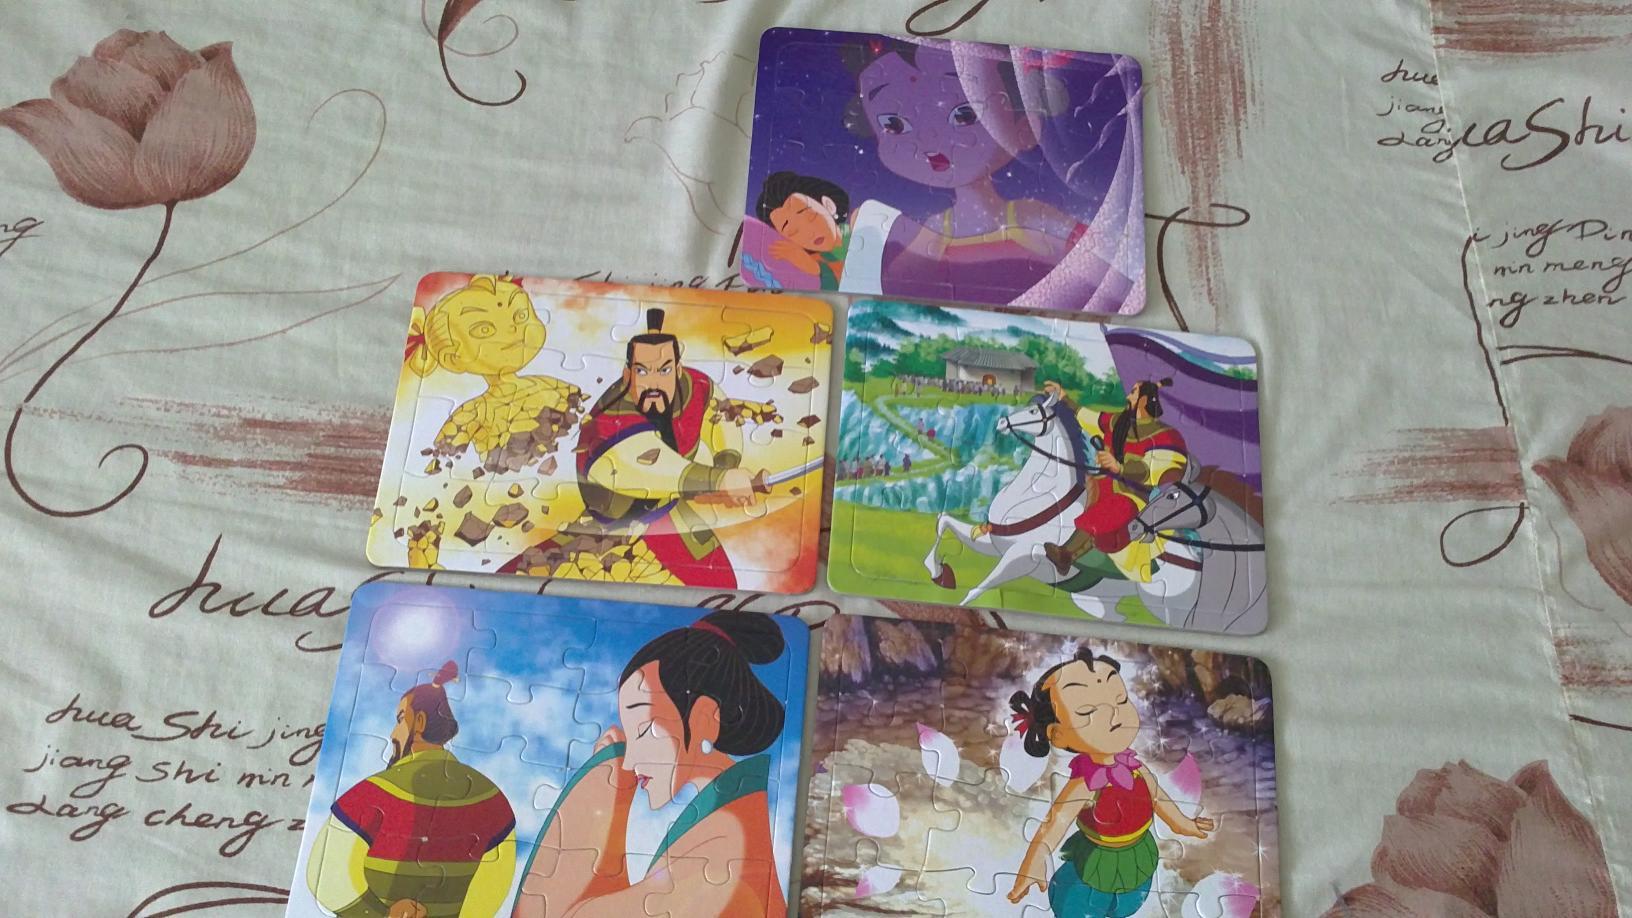 [转让]大量幼儿书本转让---绘本,幼儿画报,幼儿智力世界,幼儿故事